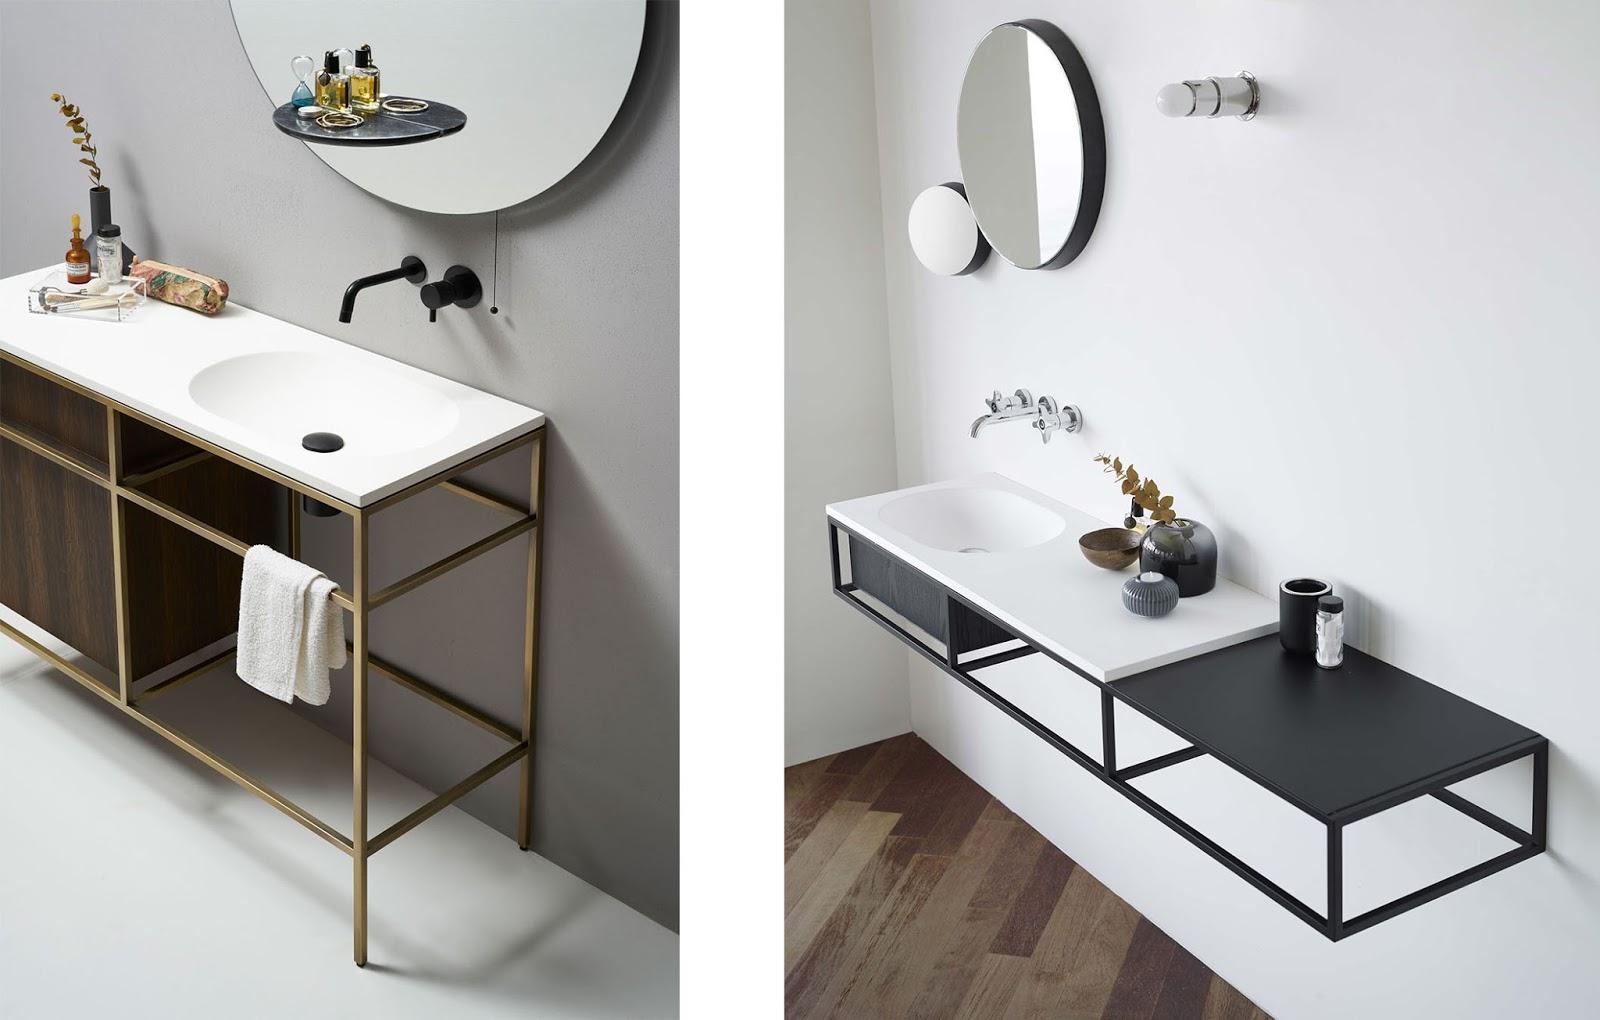 Vasca Da Bagno Wordreference : Ex t bagno u2013 design per la casa